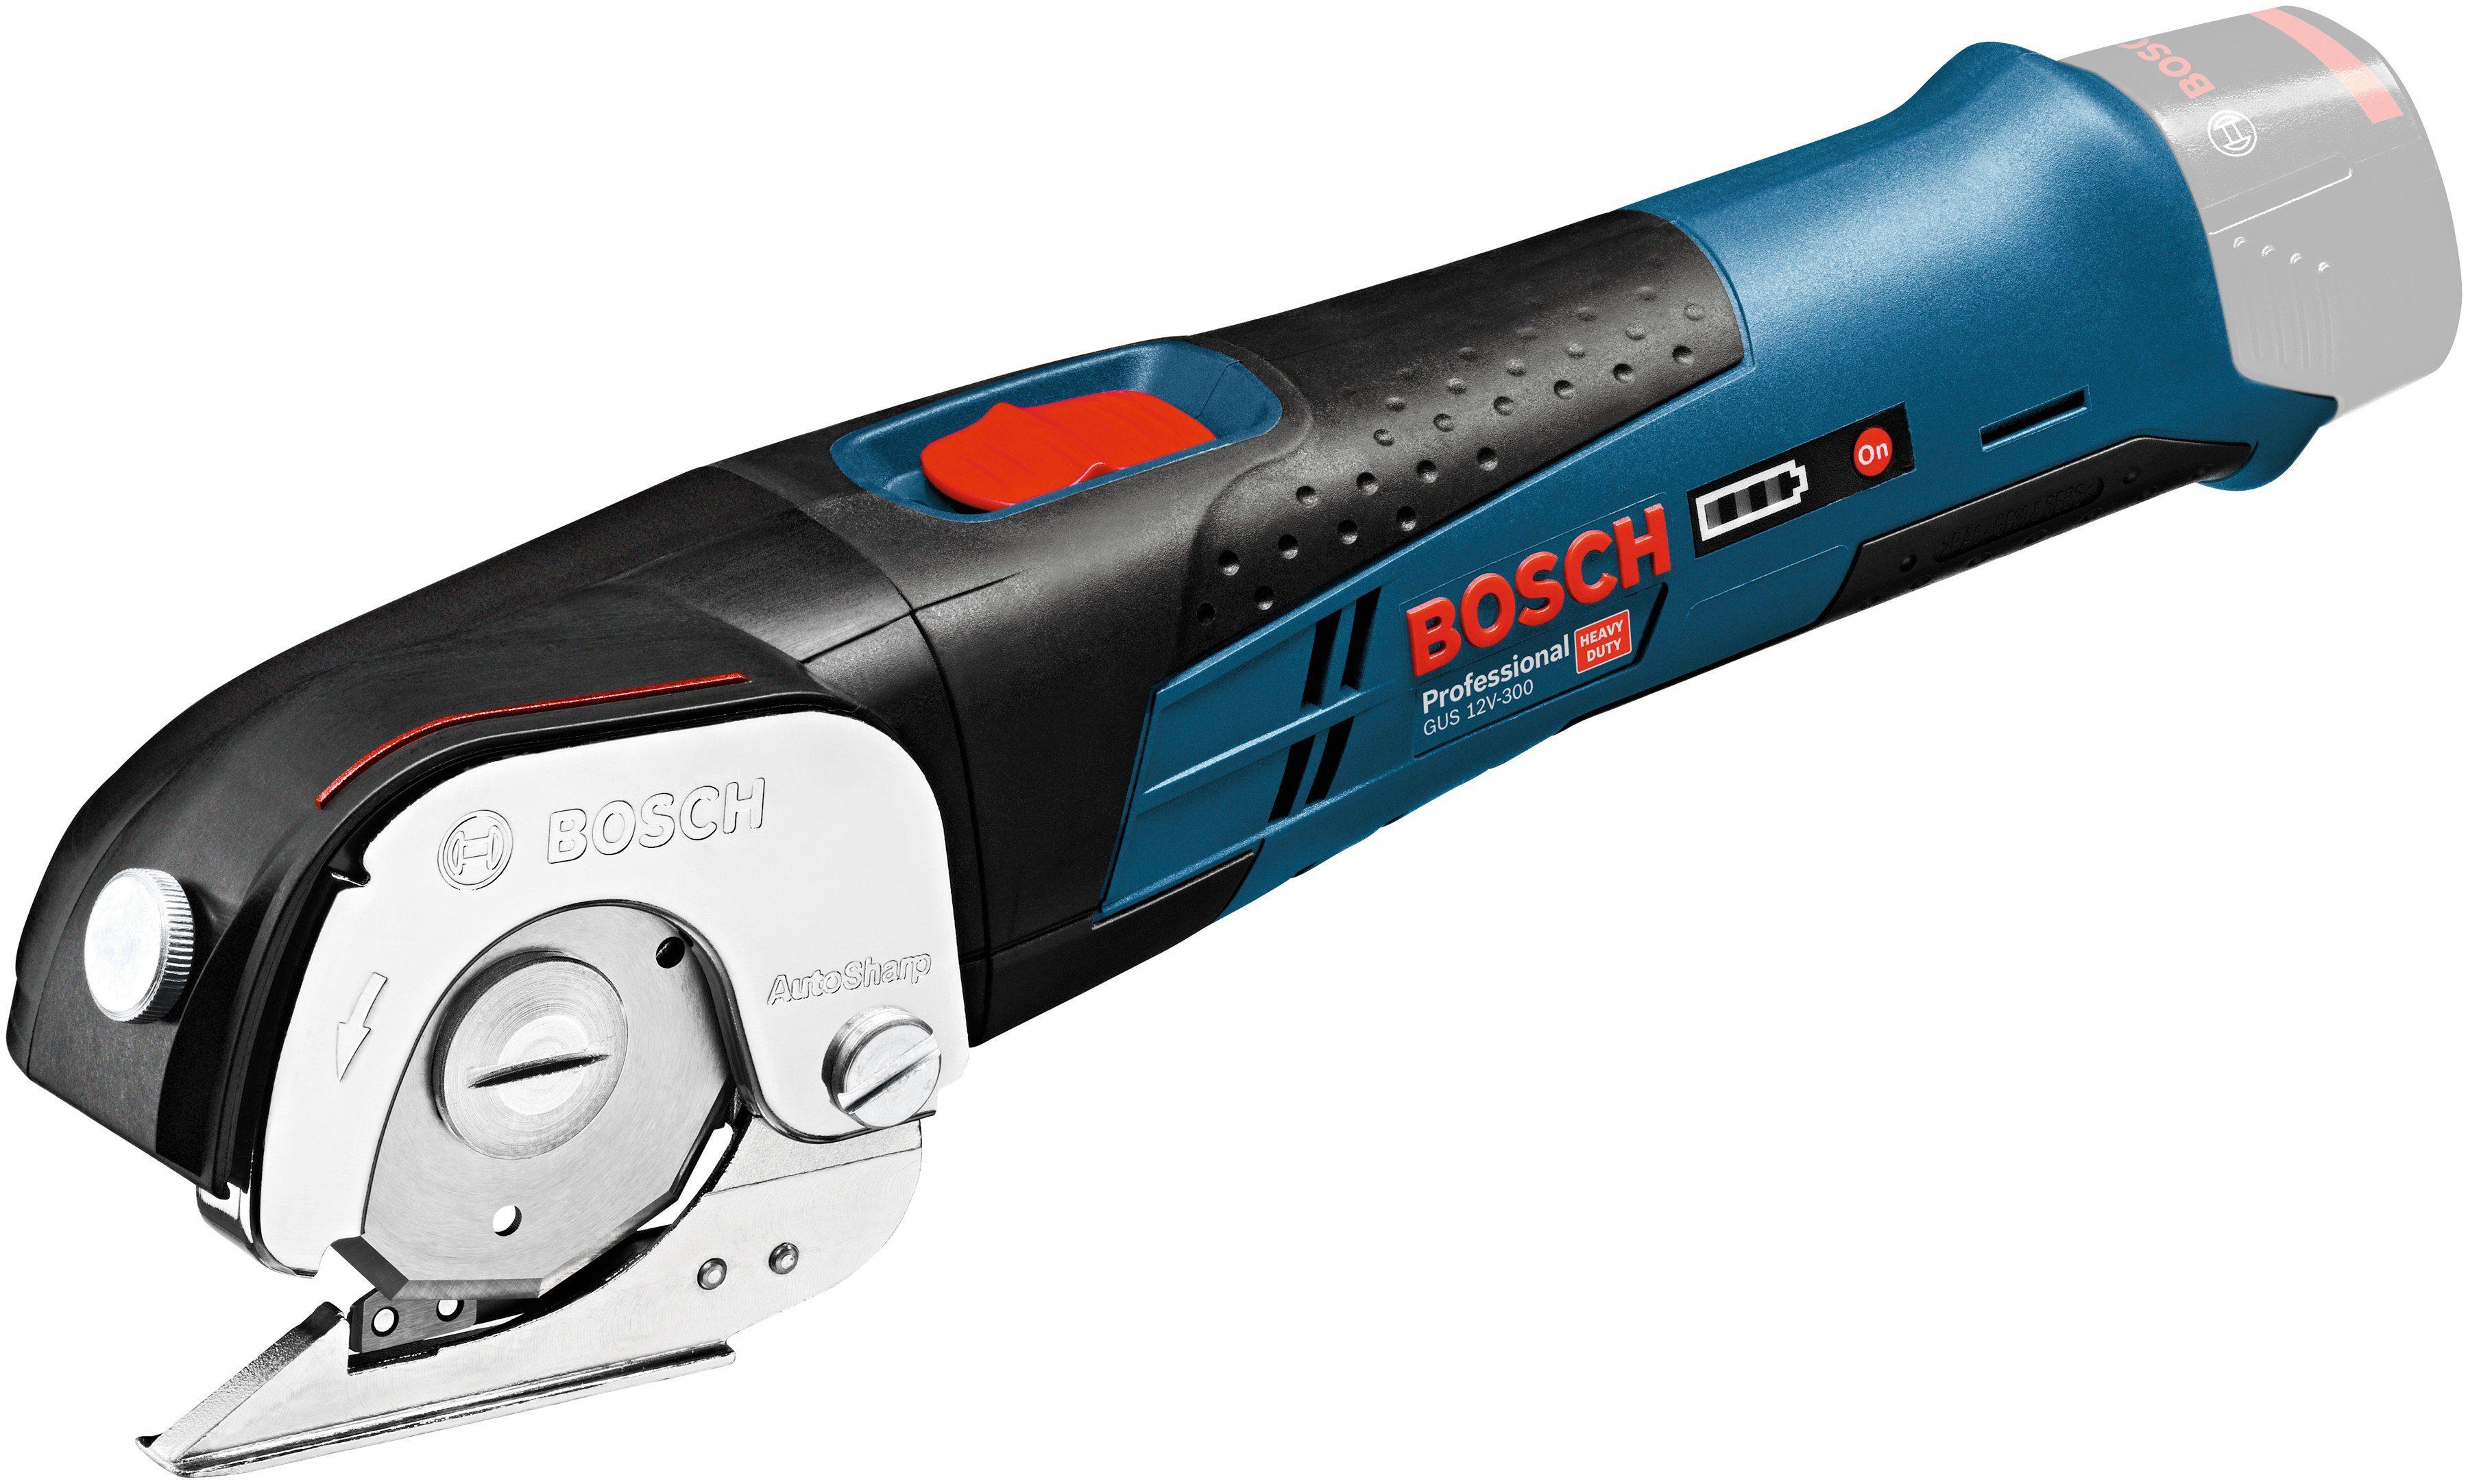 BOSCH PROFESSIONAL Universalschere »GUS 12V-300 V-LI solo«